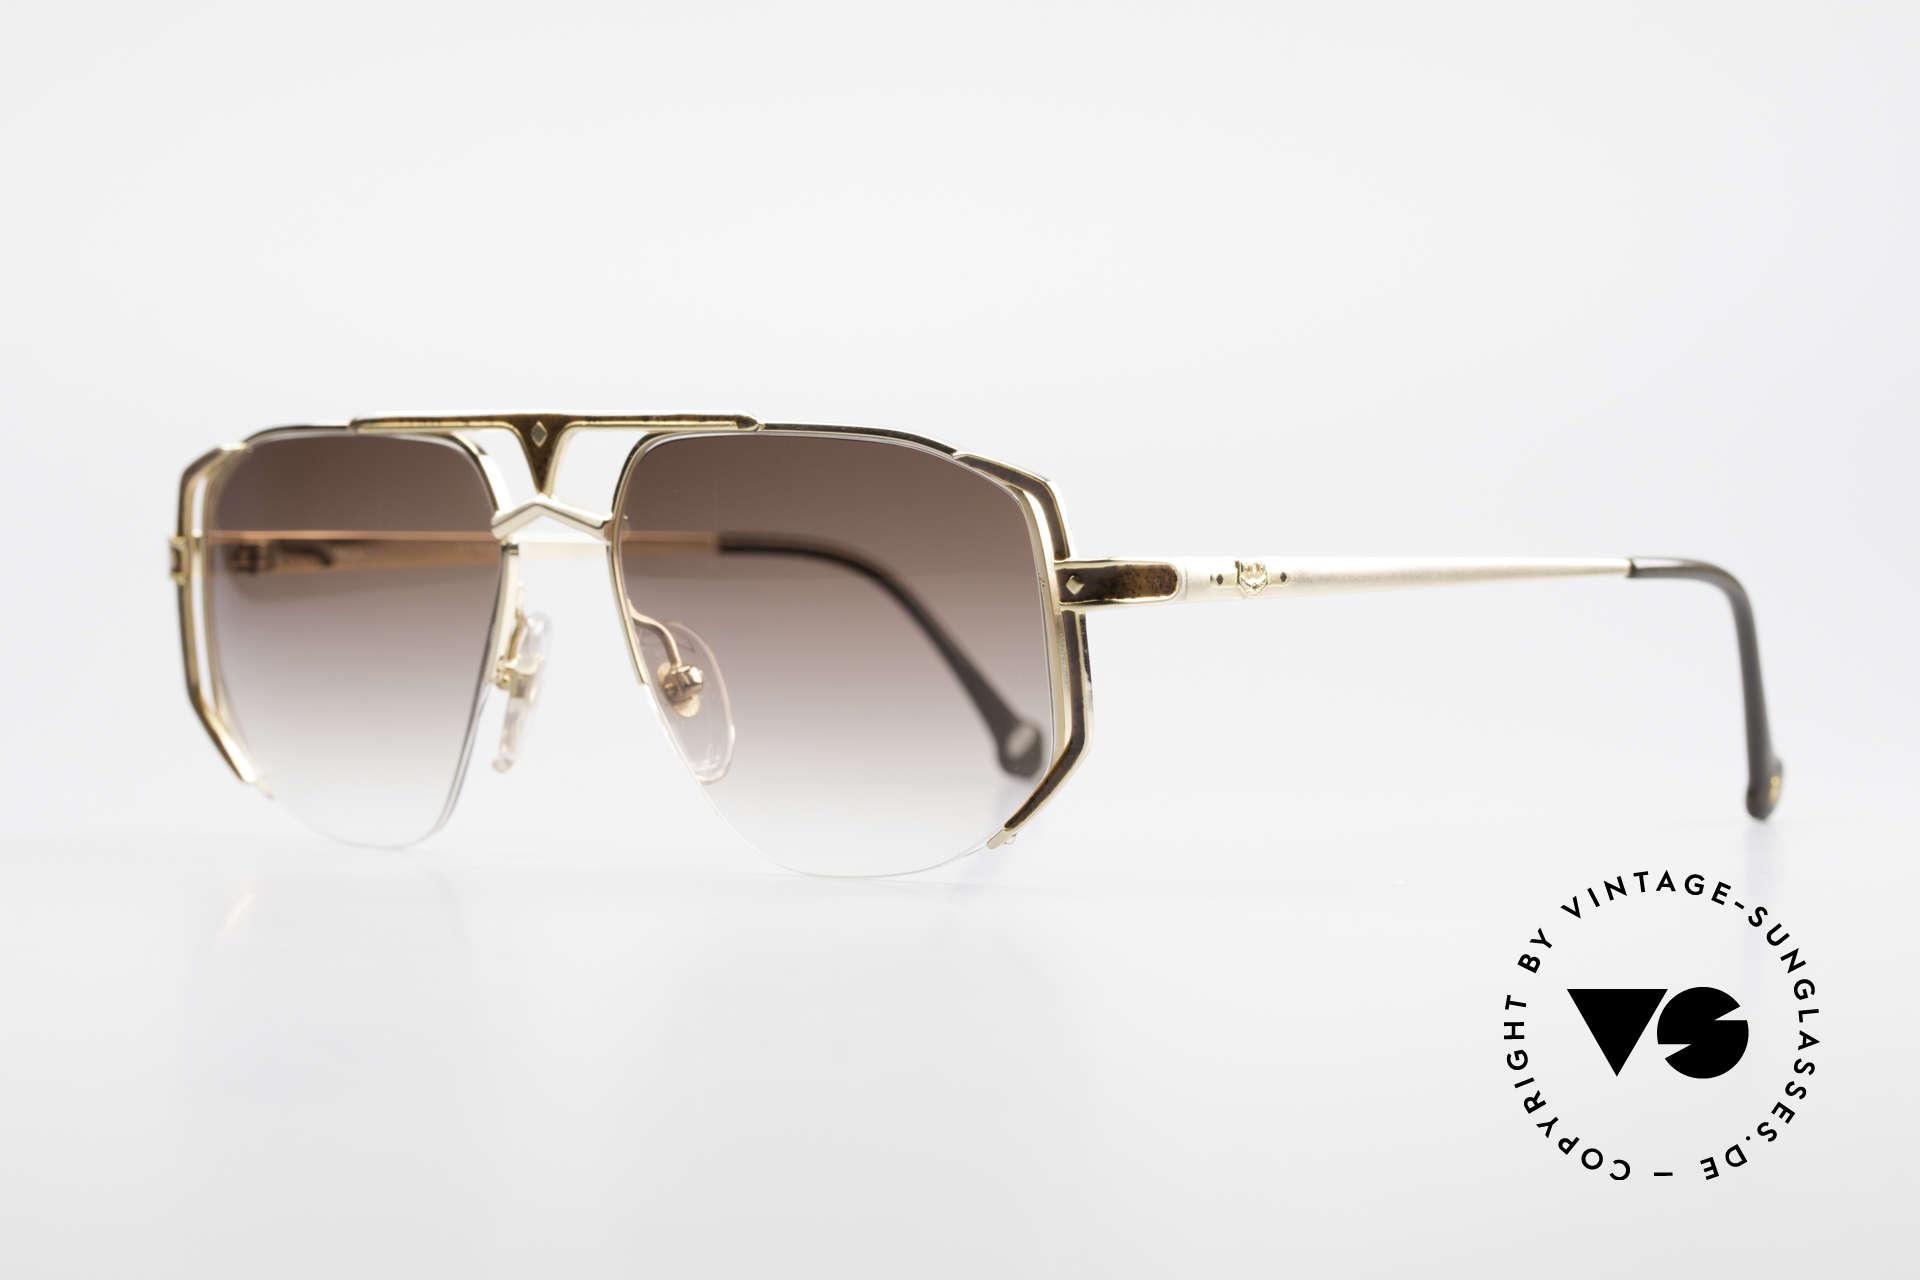 MCM München 5 Titanium Sonnenbrille Large, Luxus-Sonnenbrille von Michael Cromer, München, Passend für Herren